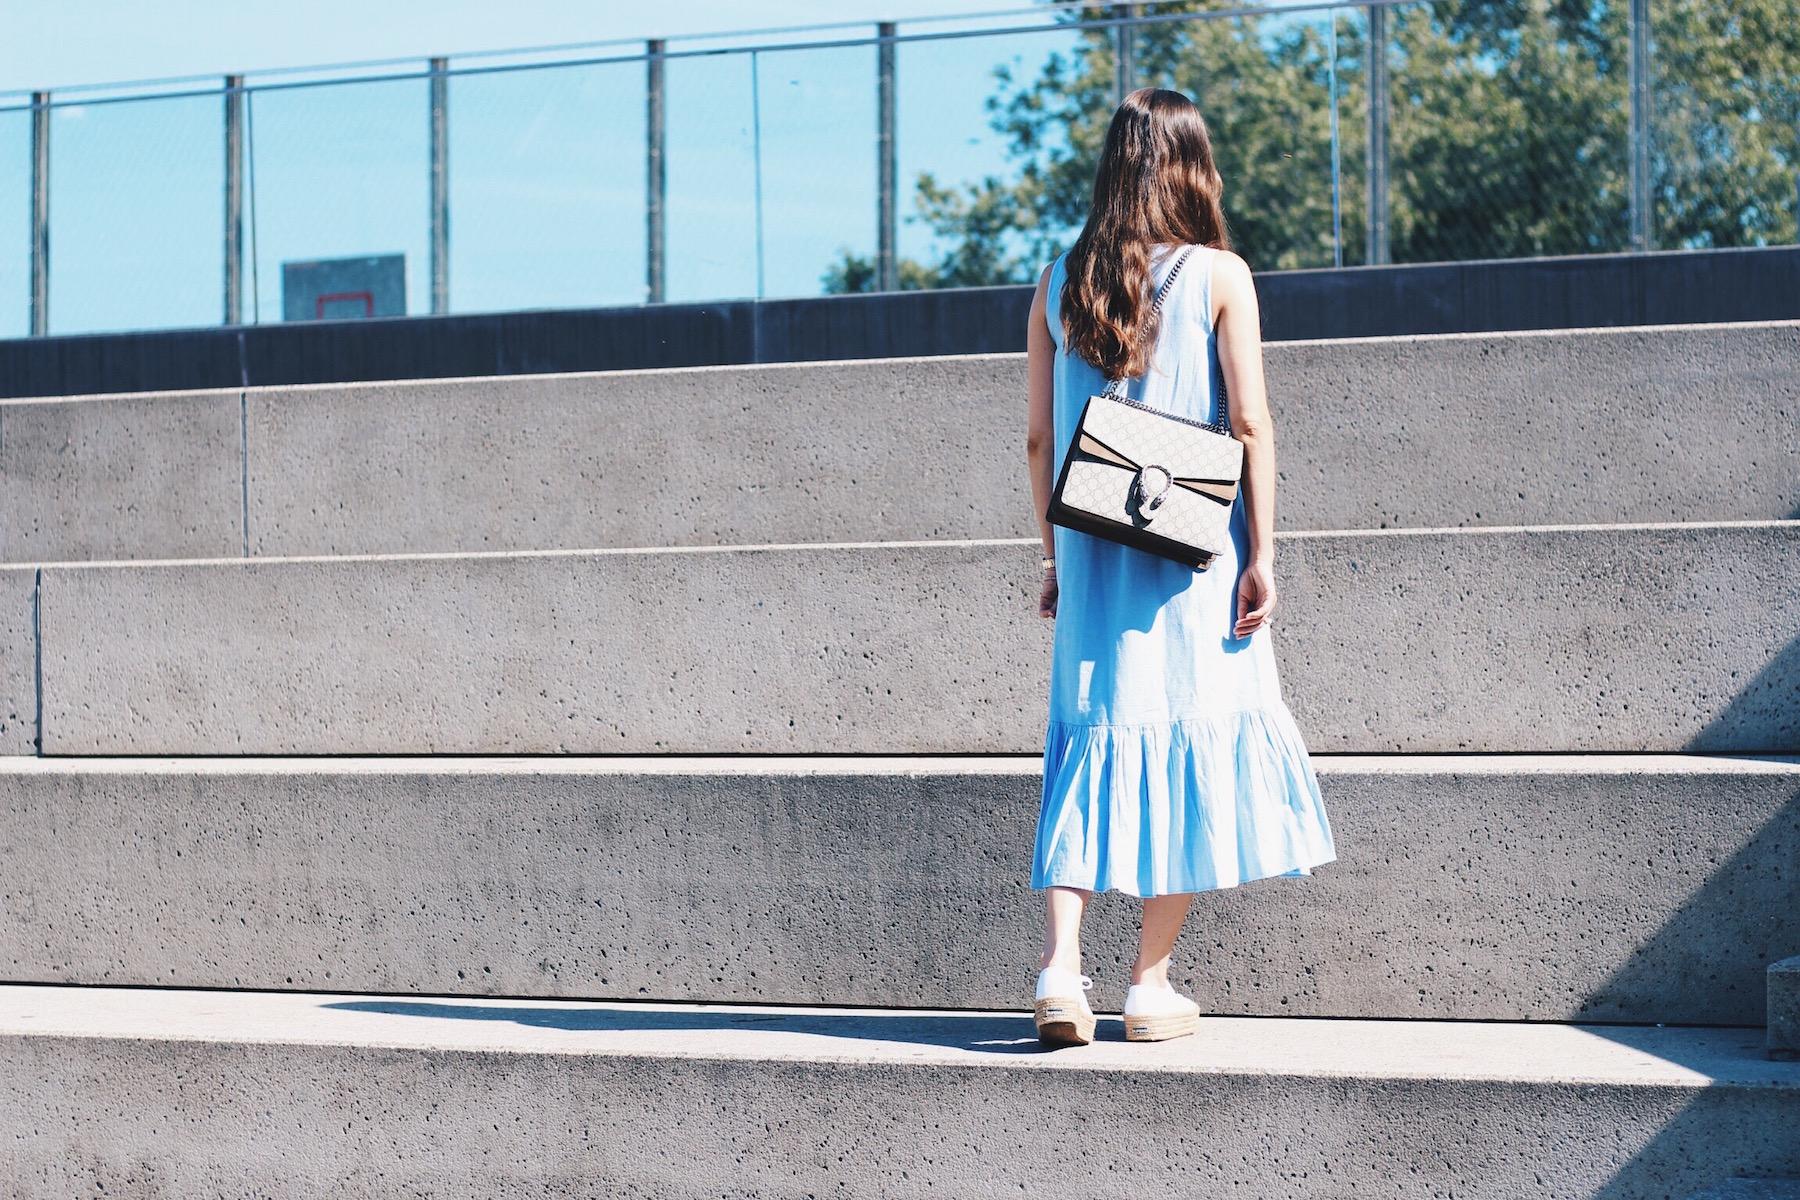 Maxikleid in hellblau von Zara kombiniert mit Gucci Dionysus Bag und Lederjacke sowie Supergas